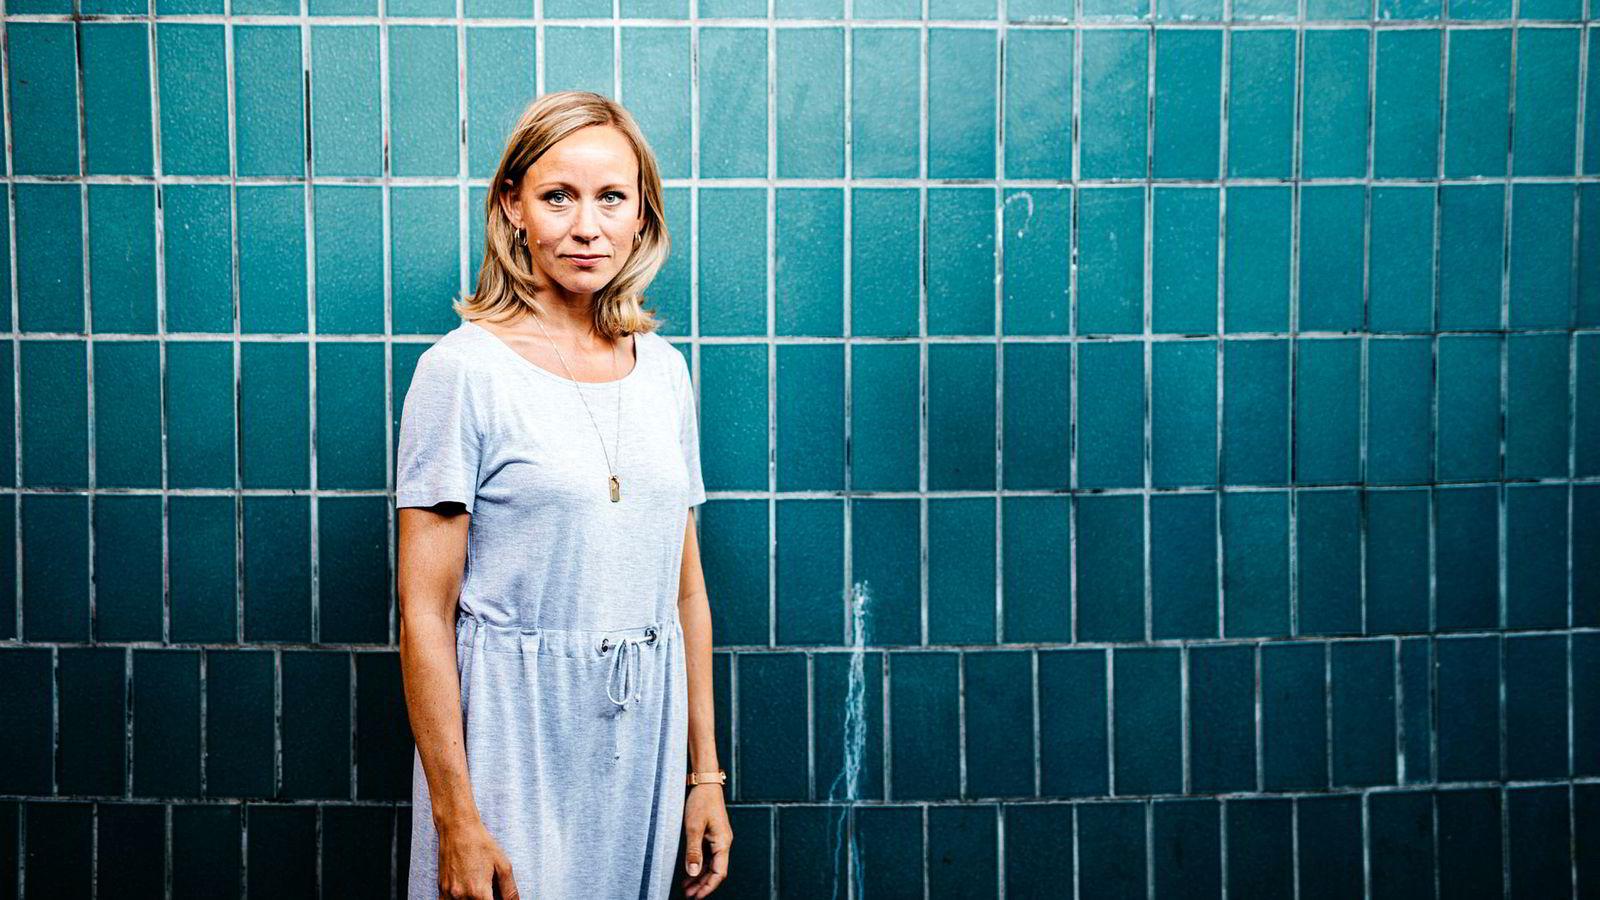 Christina Thomassen i Musikernes fellesorganisasjon (MFO) krever grundige svar fra Tidal etter DNs avsløringer om manipulasjon av avspillingstall og utbetalinger. Foto: Fartein Rudjord